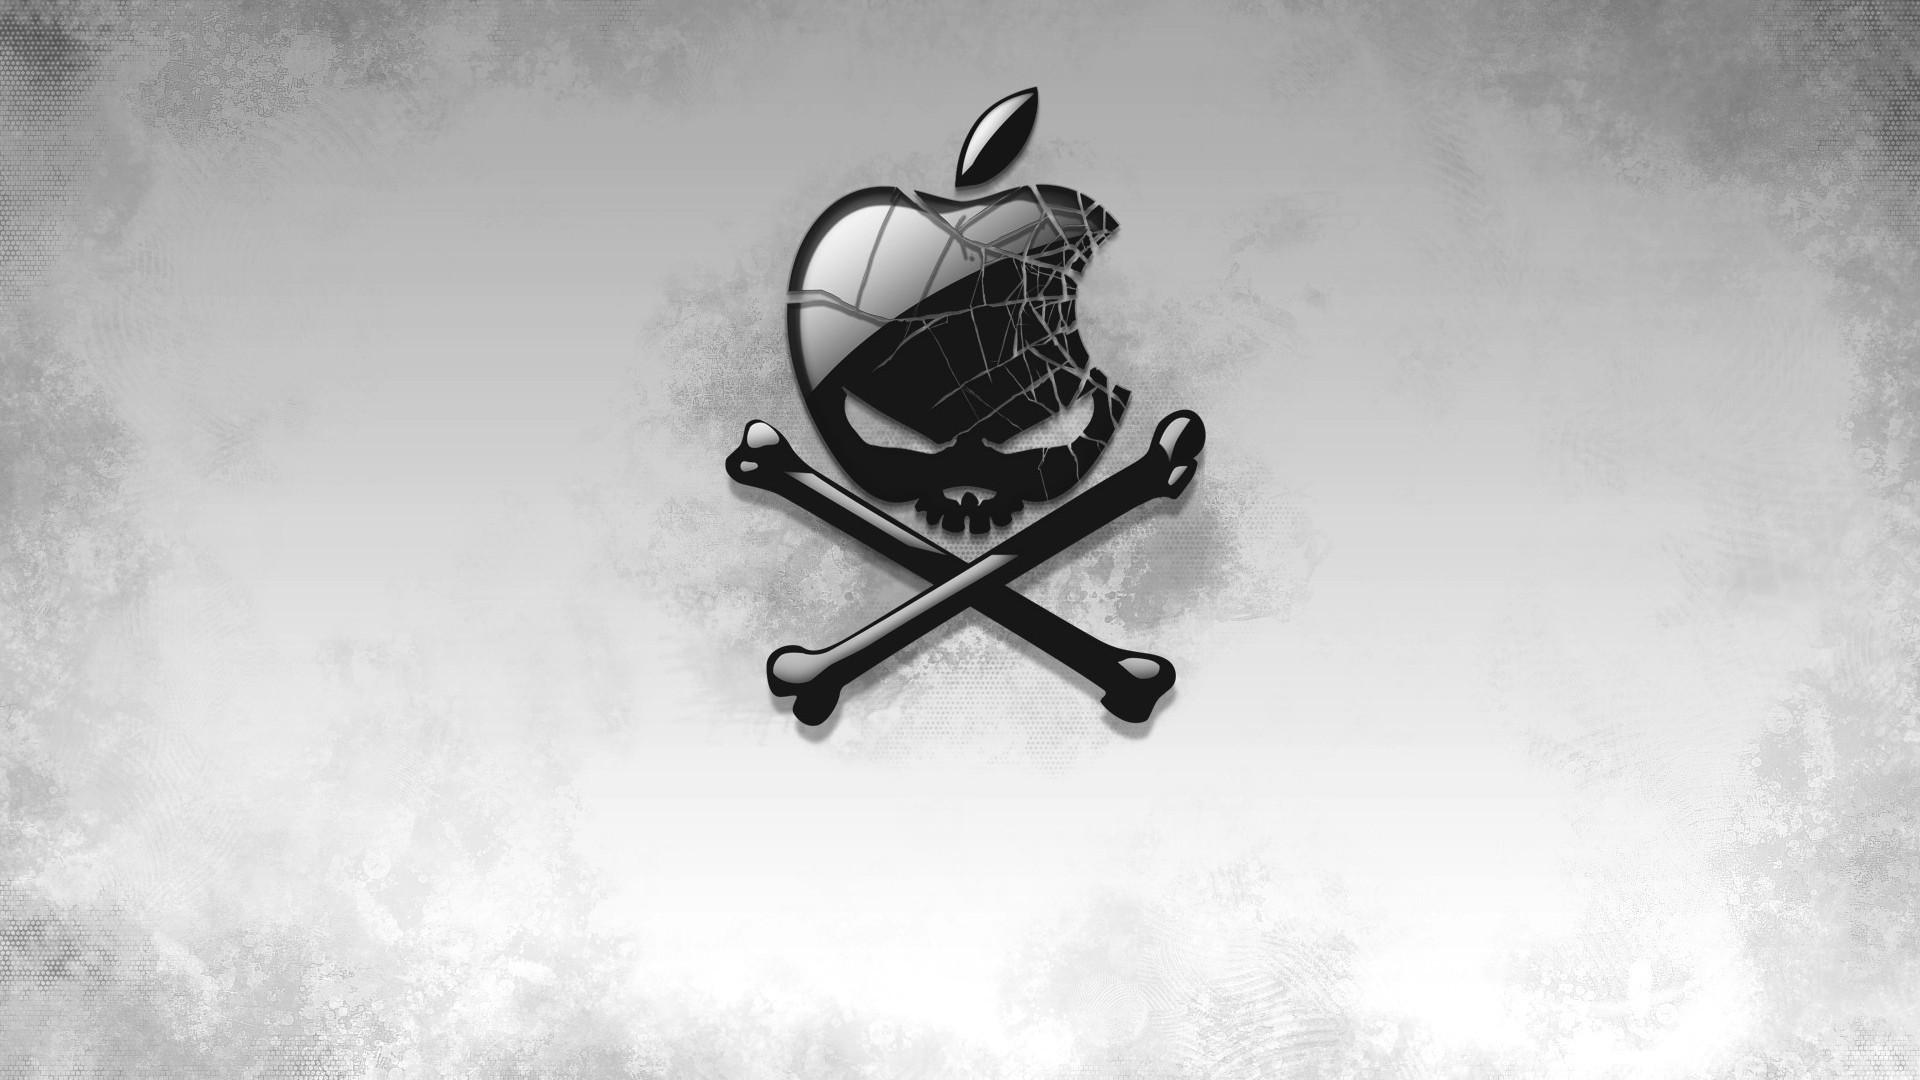 … Background Full HD 1080p. Wallpaper black, apple, bones, skull